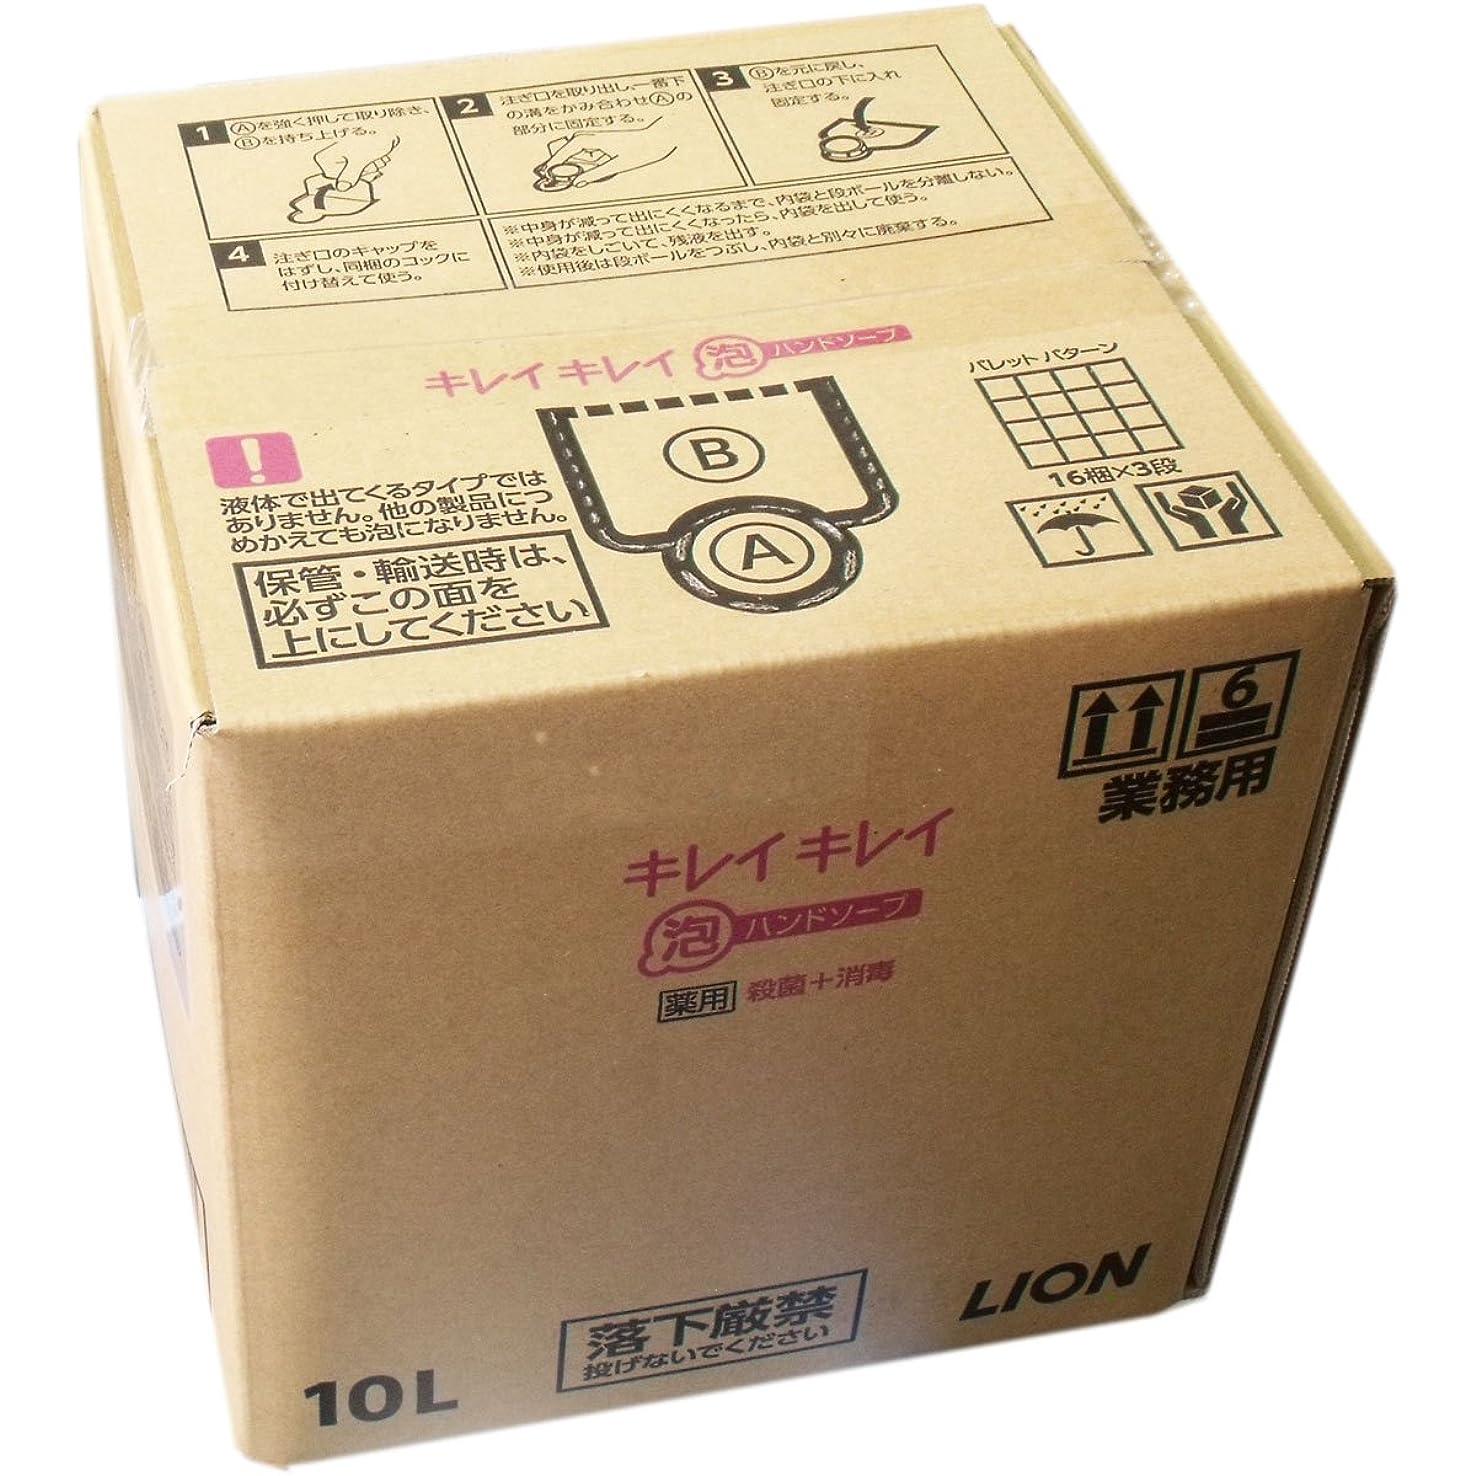 塗抹証明弁護人ライオン 業務用キレイキレイ 薬用泡ハンドソープ 10L